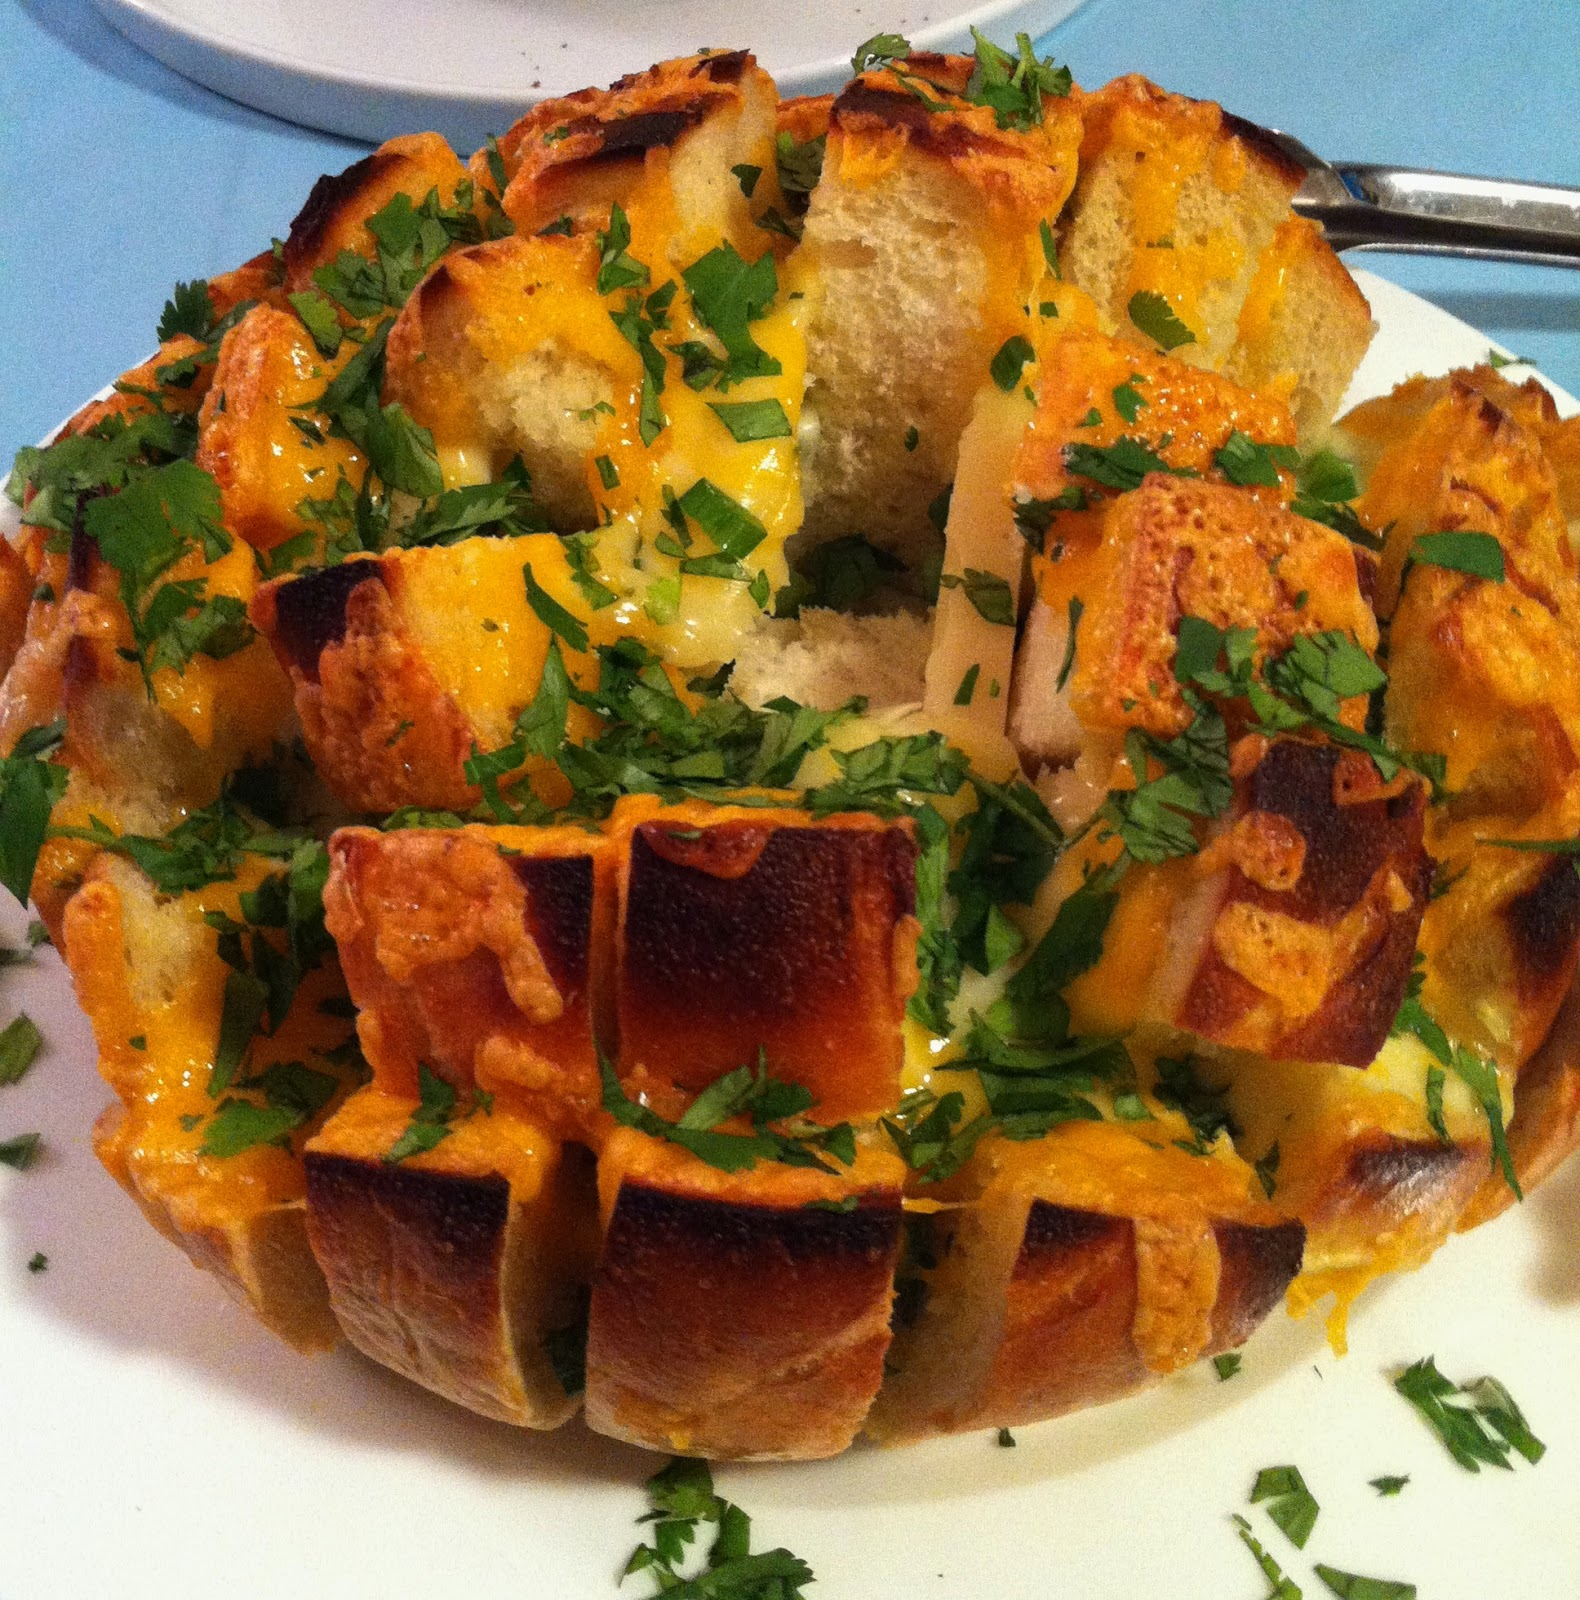 My Tiny Oven: Cheesy Garlic Pull-Apart Bread